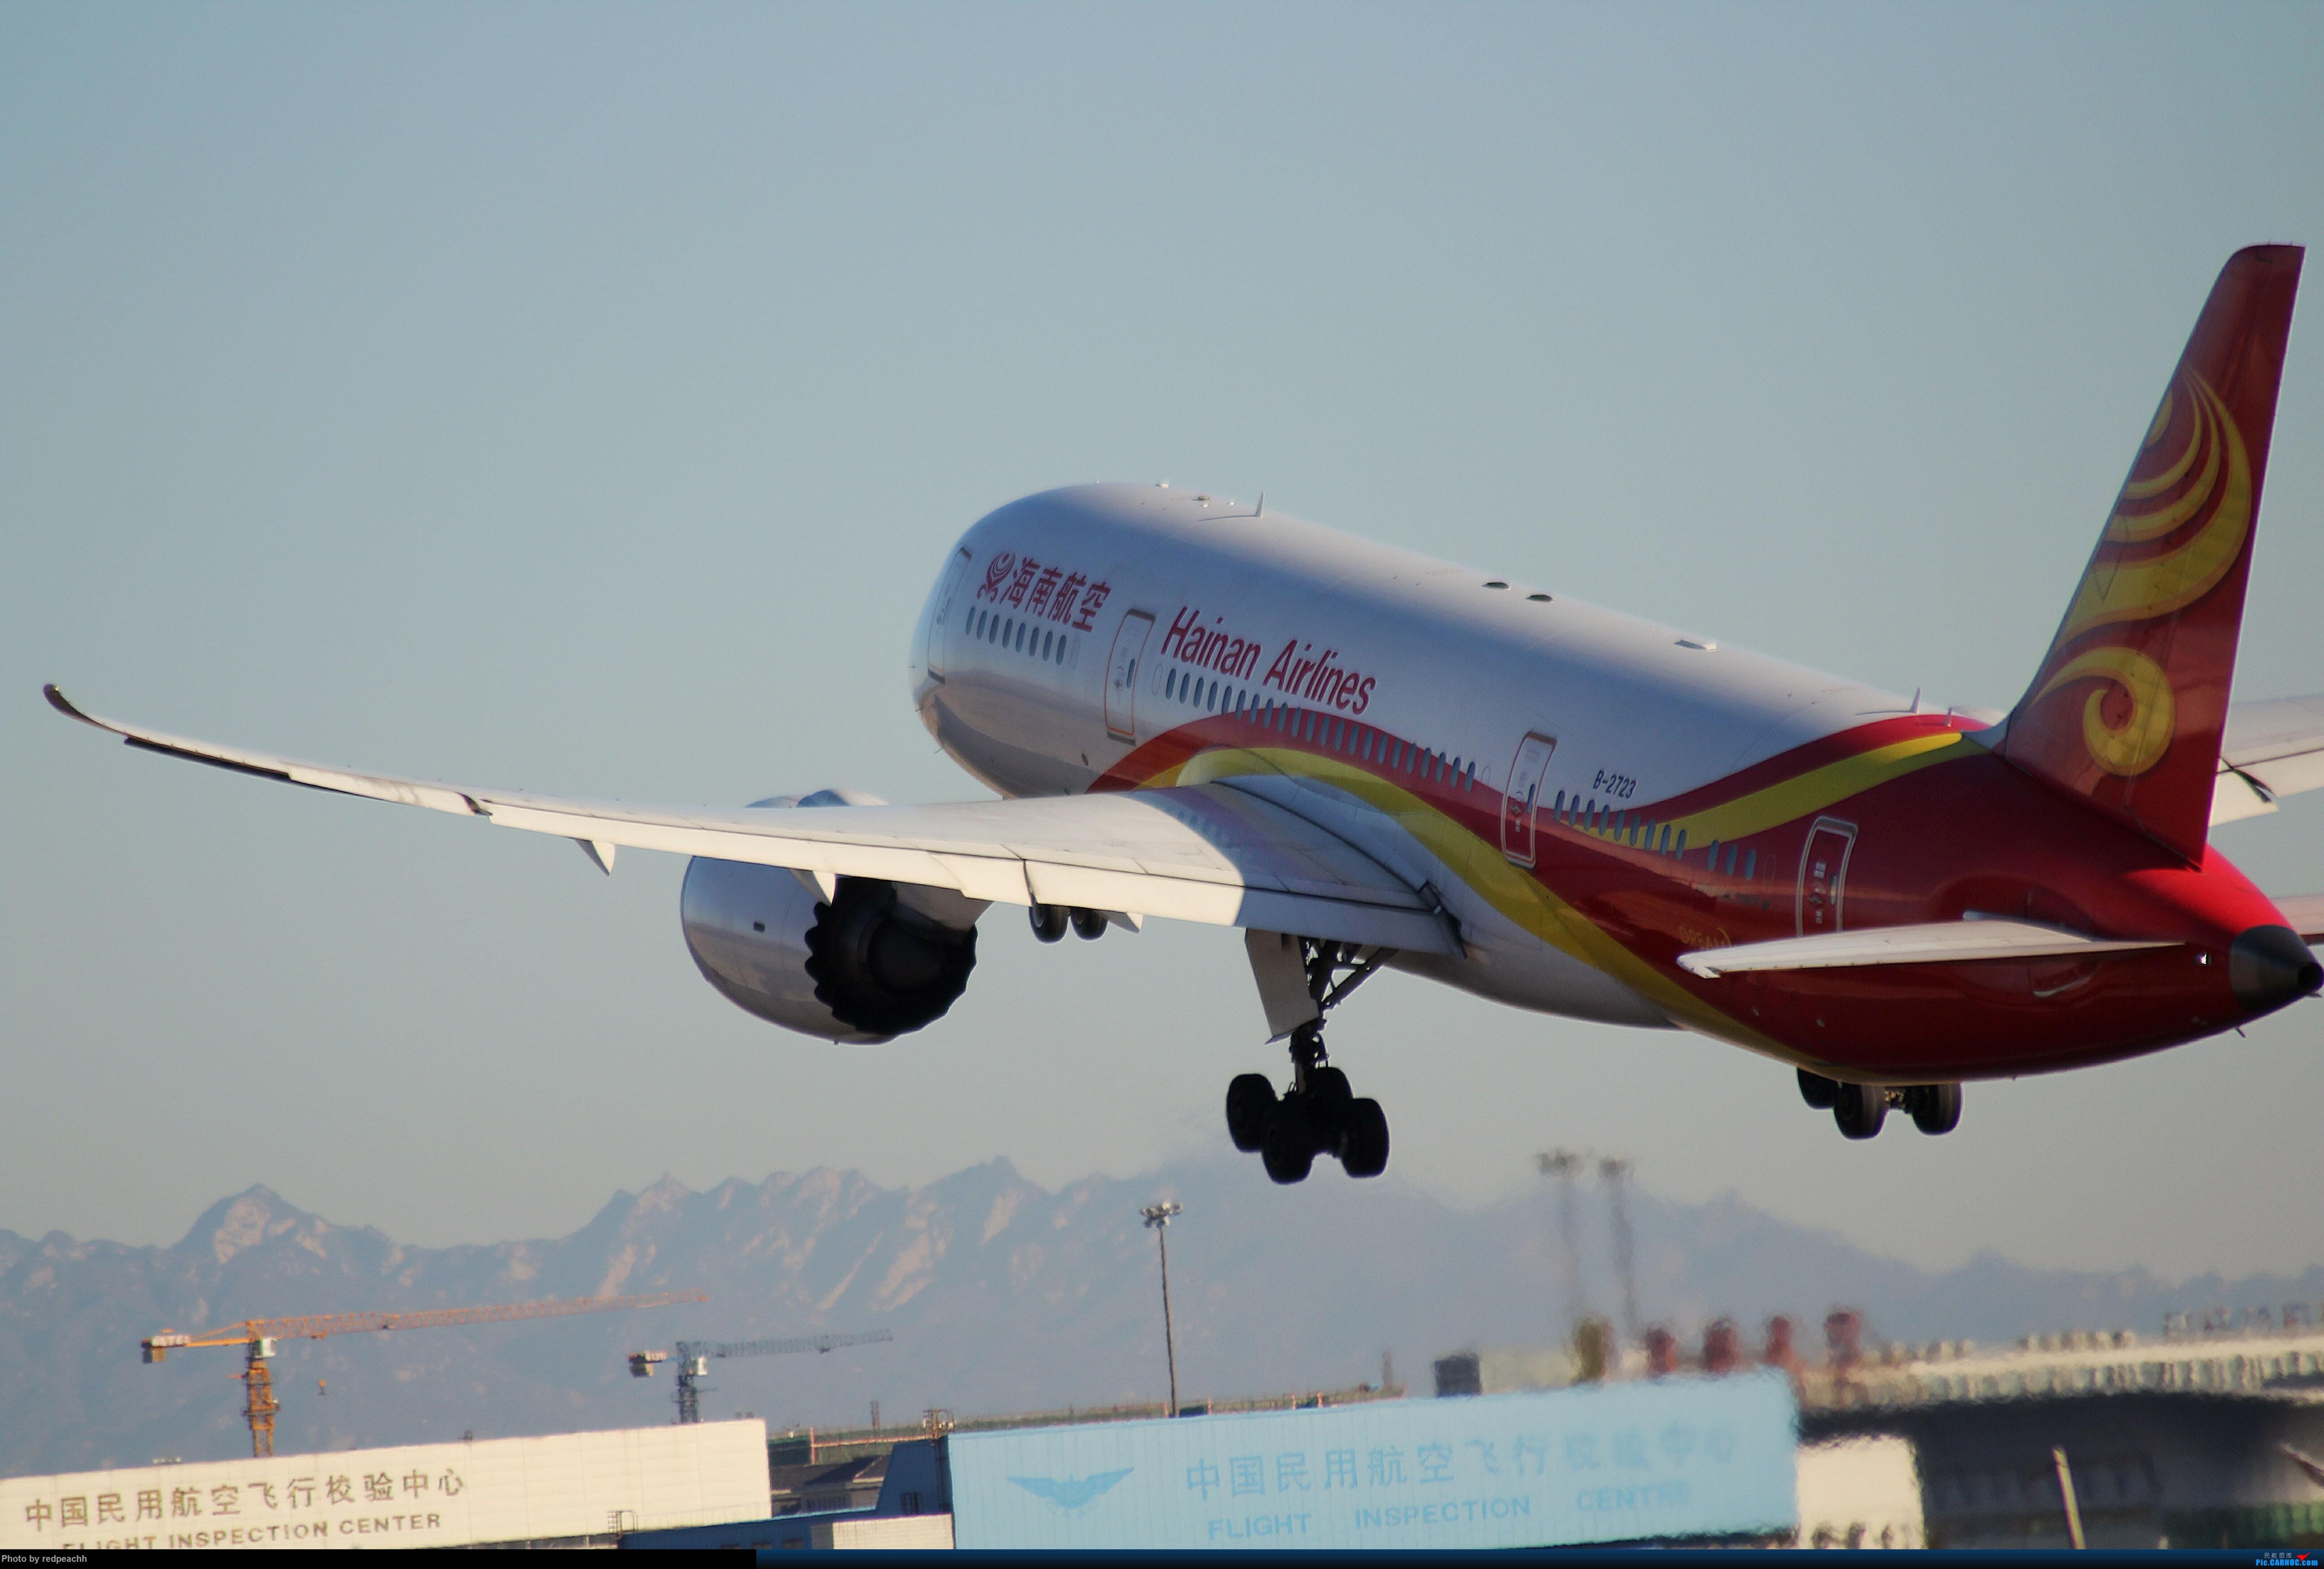 [原创](完毕)河北人为拍机而首都机场2日游虽均为常规货但值得纪念 BOEING 787-8  36L